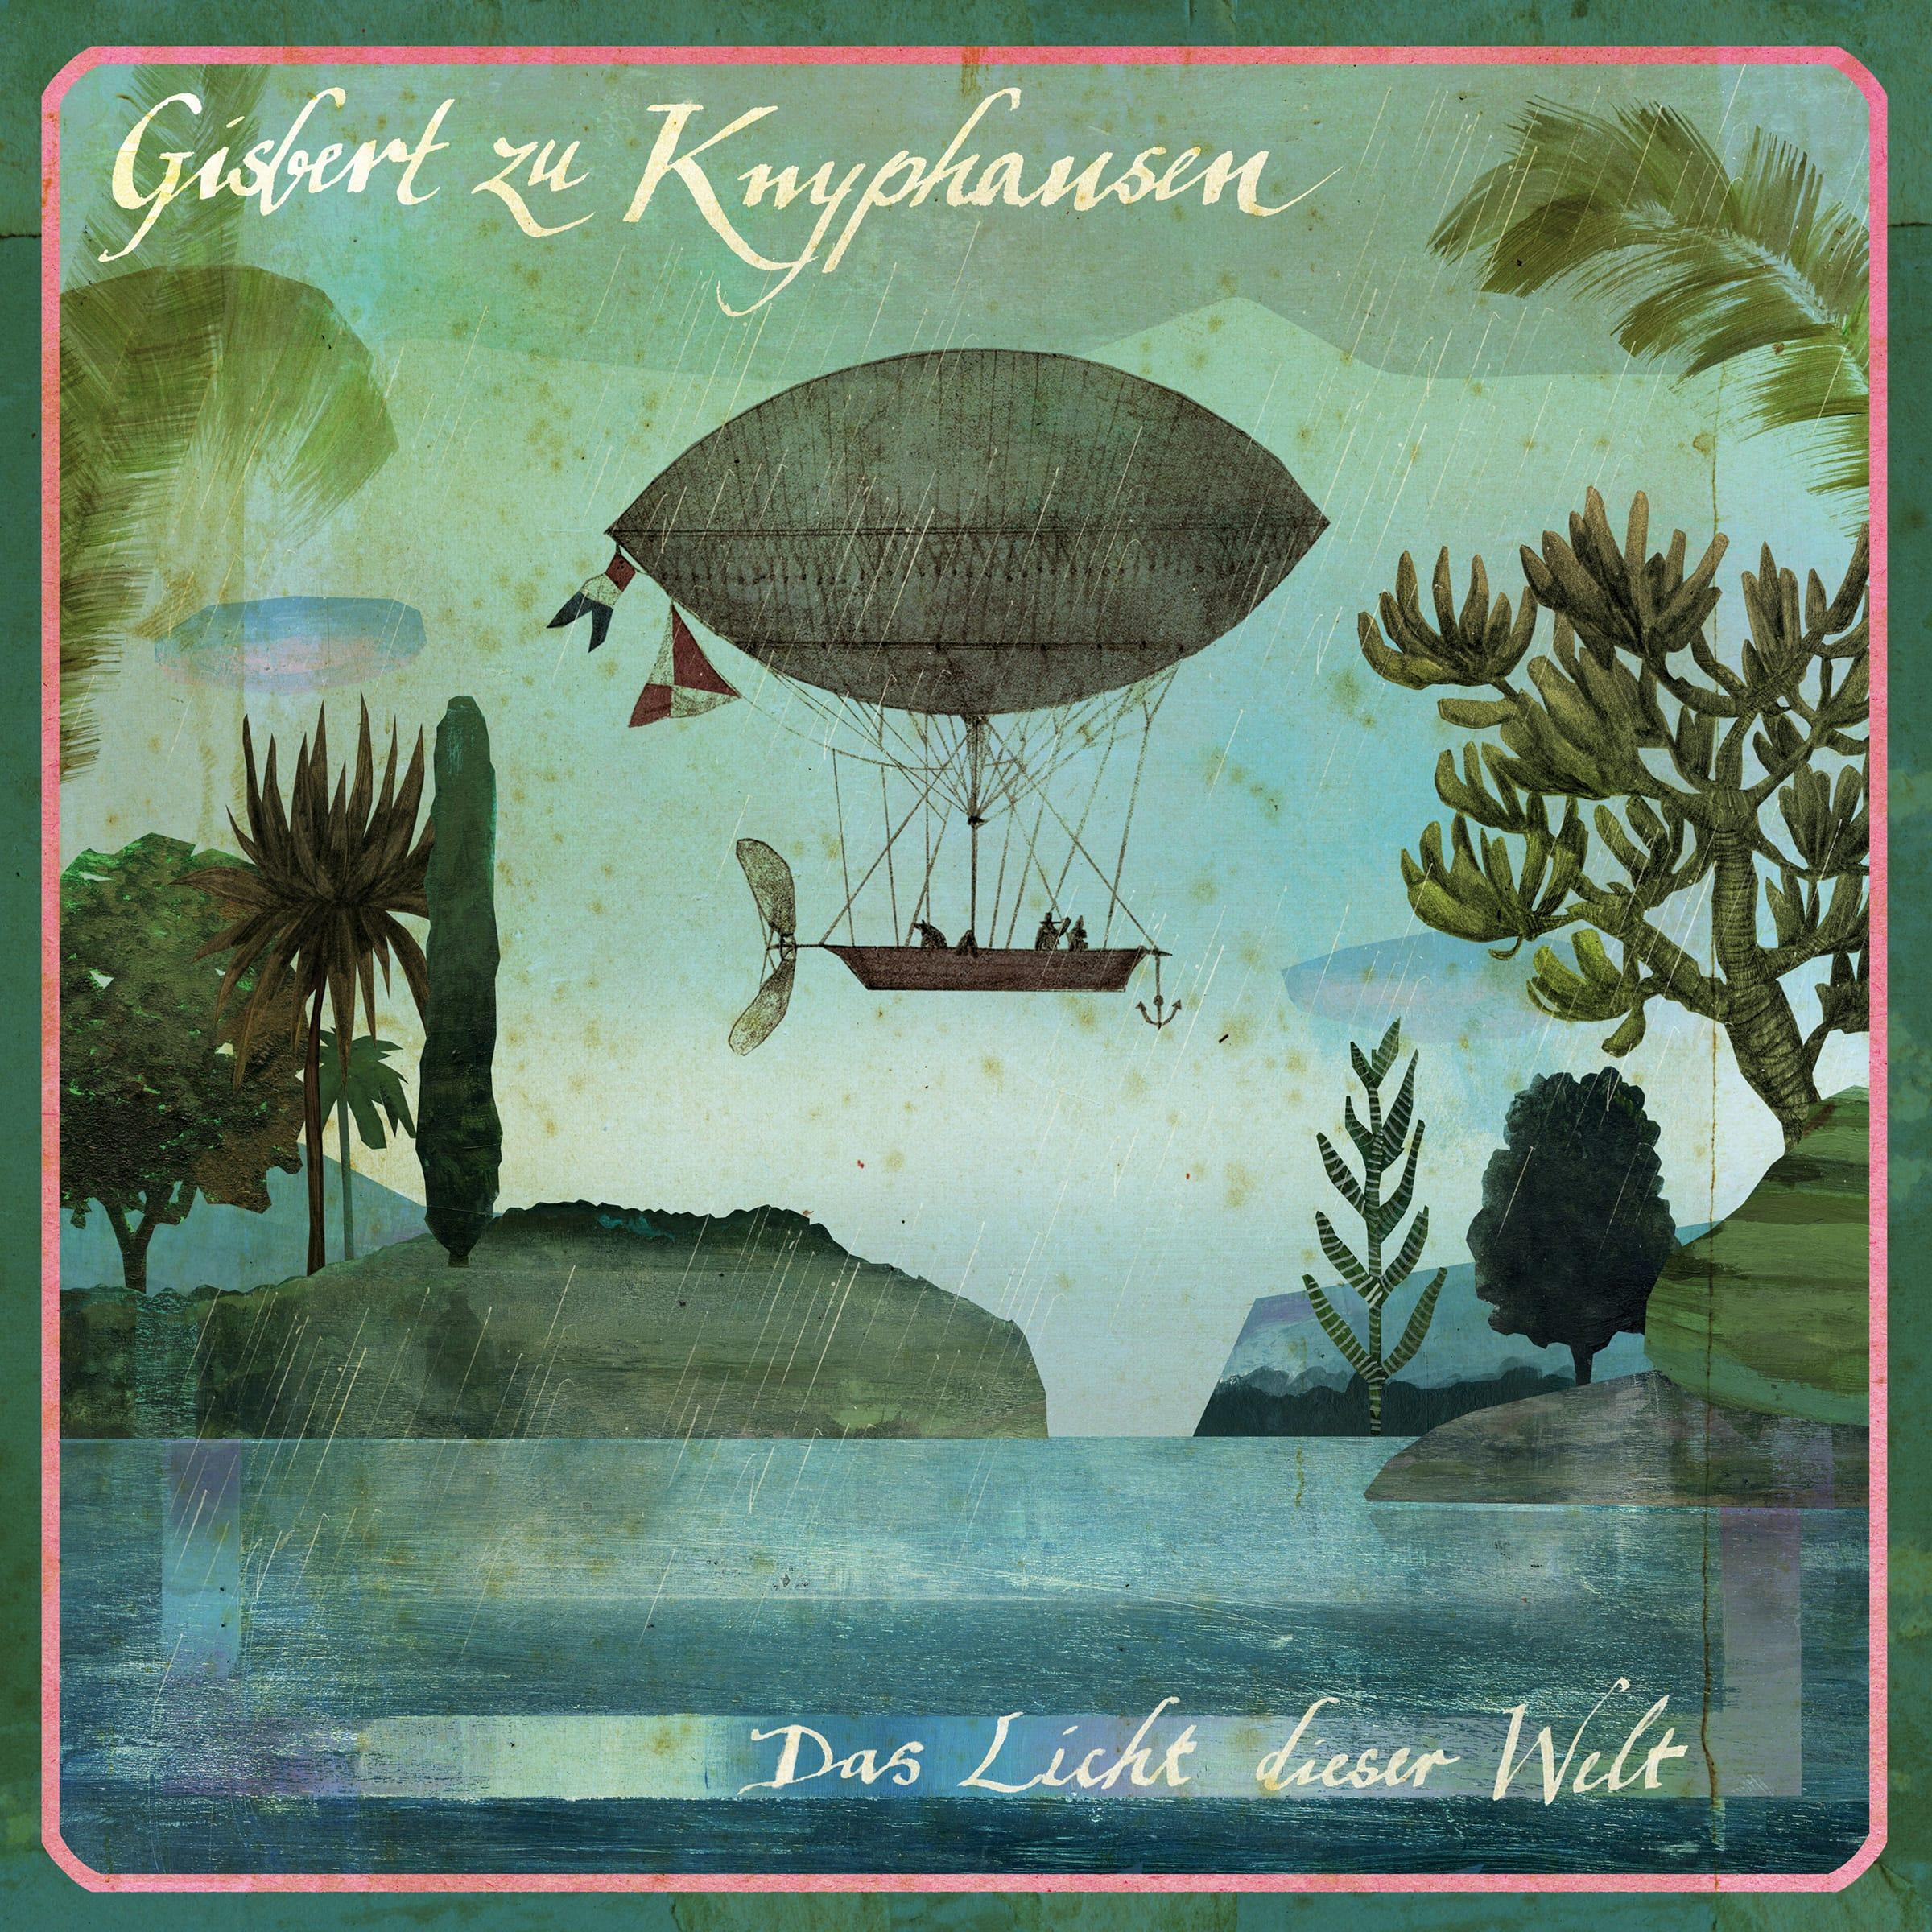 Gisbert zu Knyphausen — Unter meinem Bett – Compilation